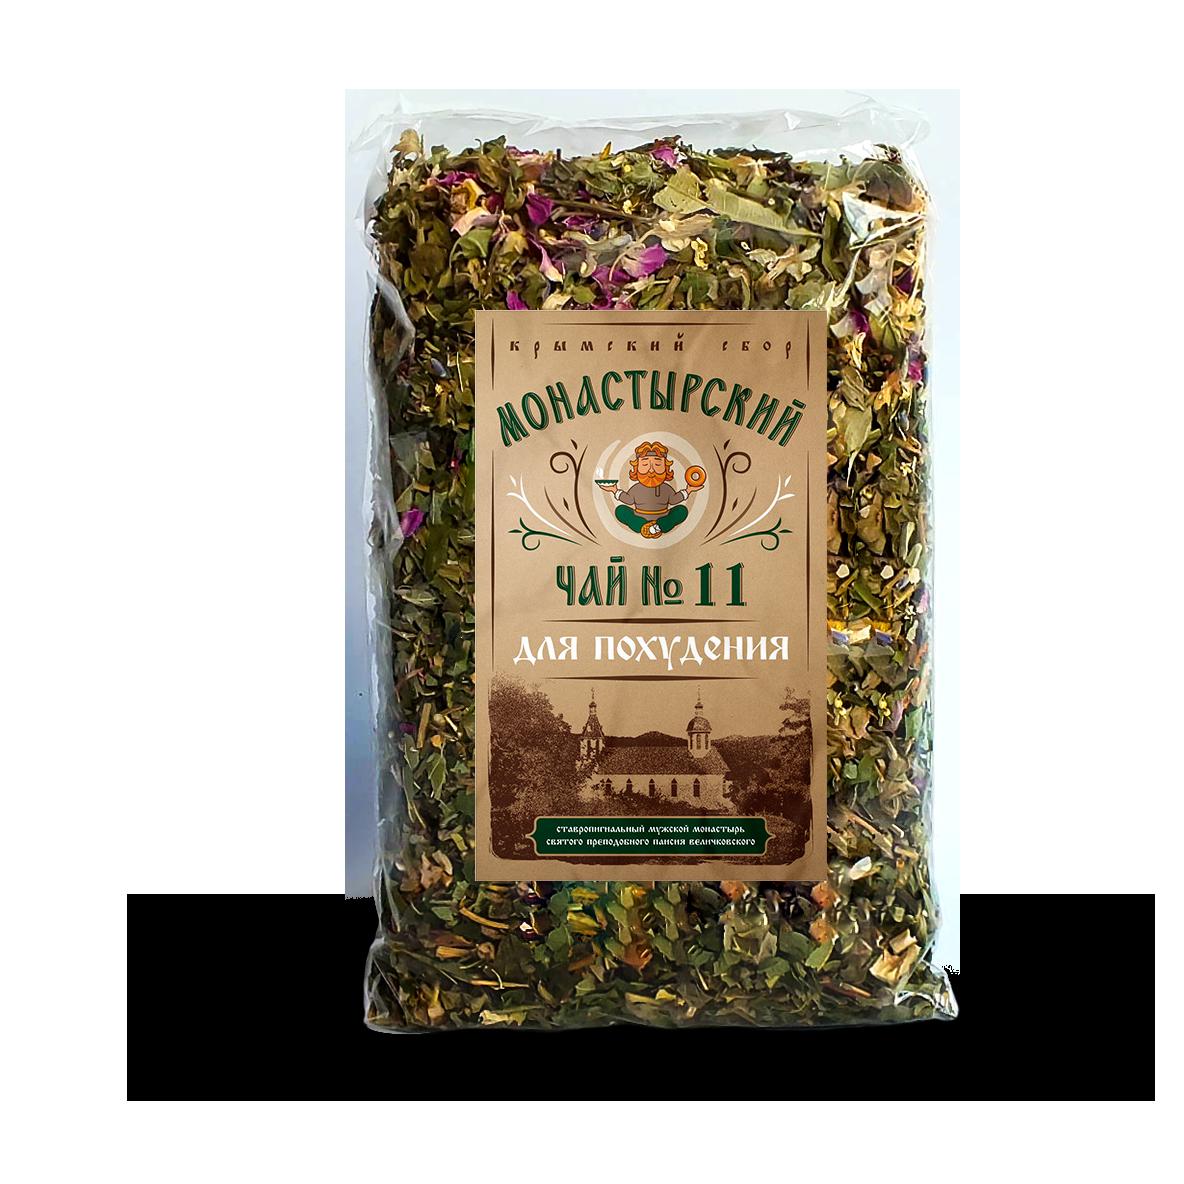 Лечение Травами Похудения. Похудение на травах - 25 кг в месяц. Травы для похудения: отзывы, отвары, рецепты